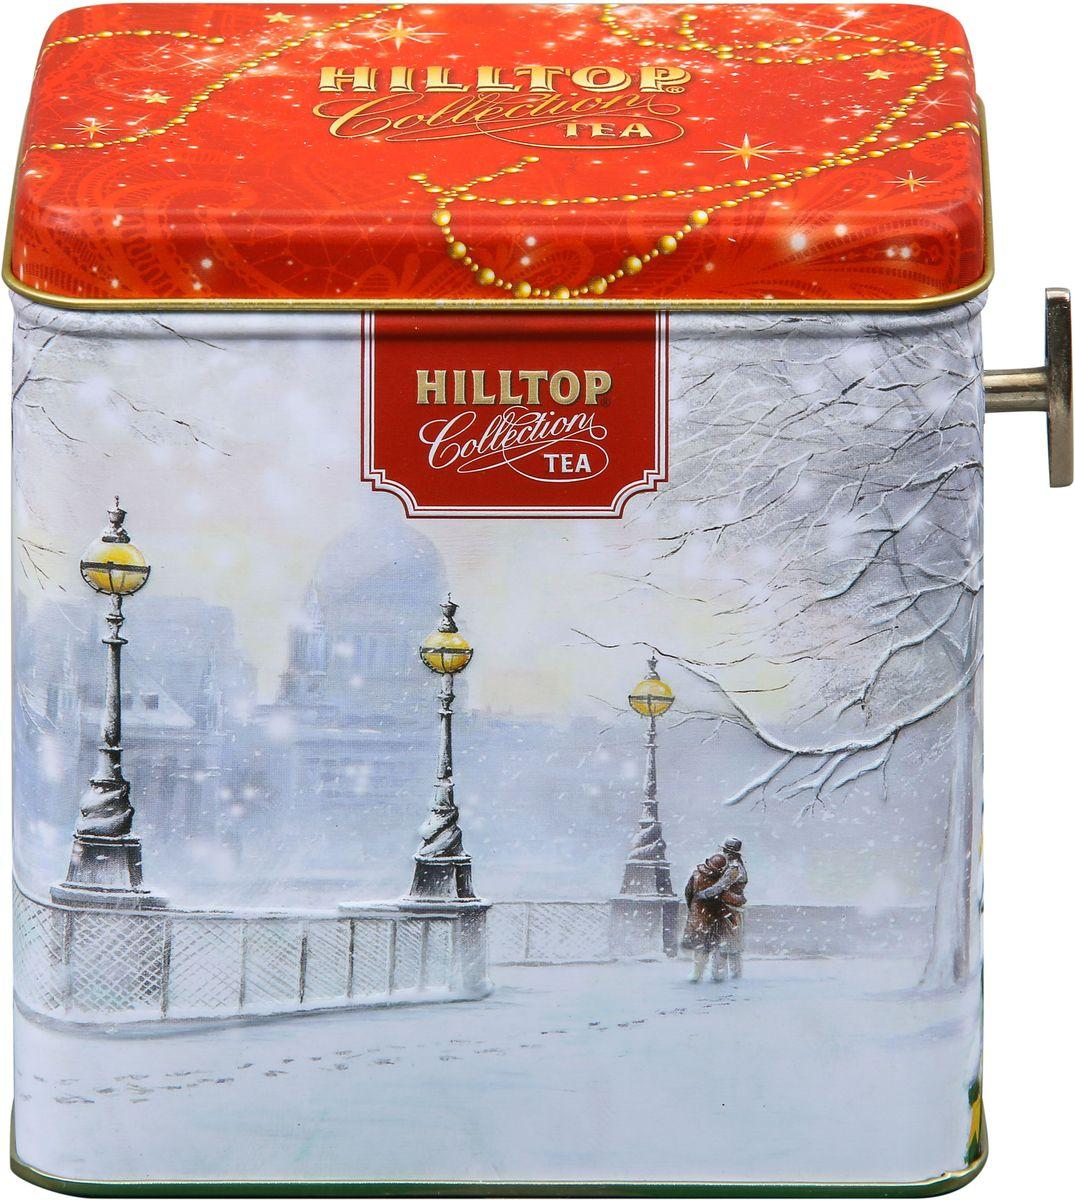 Hilltop Шкатулка Заснеженный город Эрл Грей ароматизированный листовой чай, 100 г